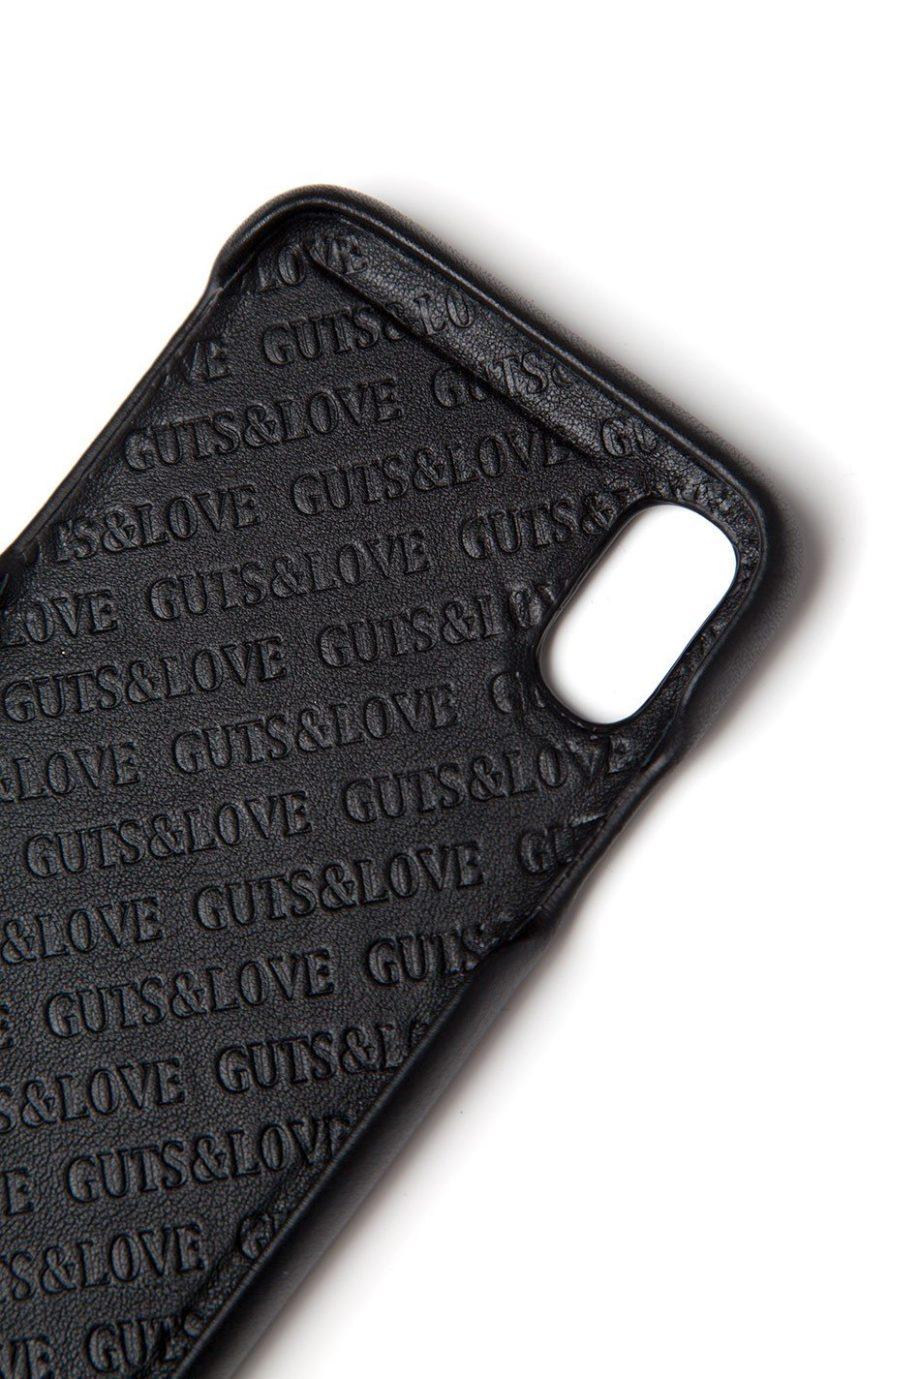 G&L Case iPhone X BLACK